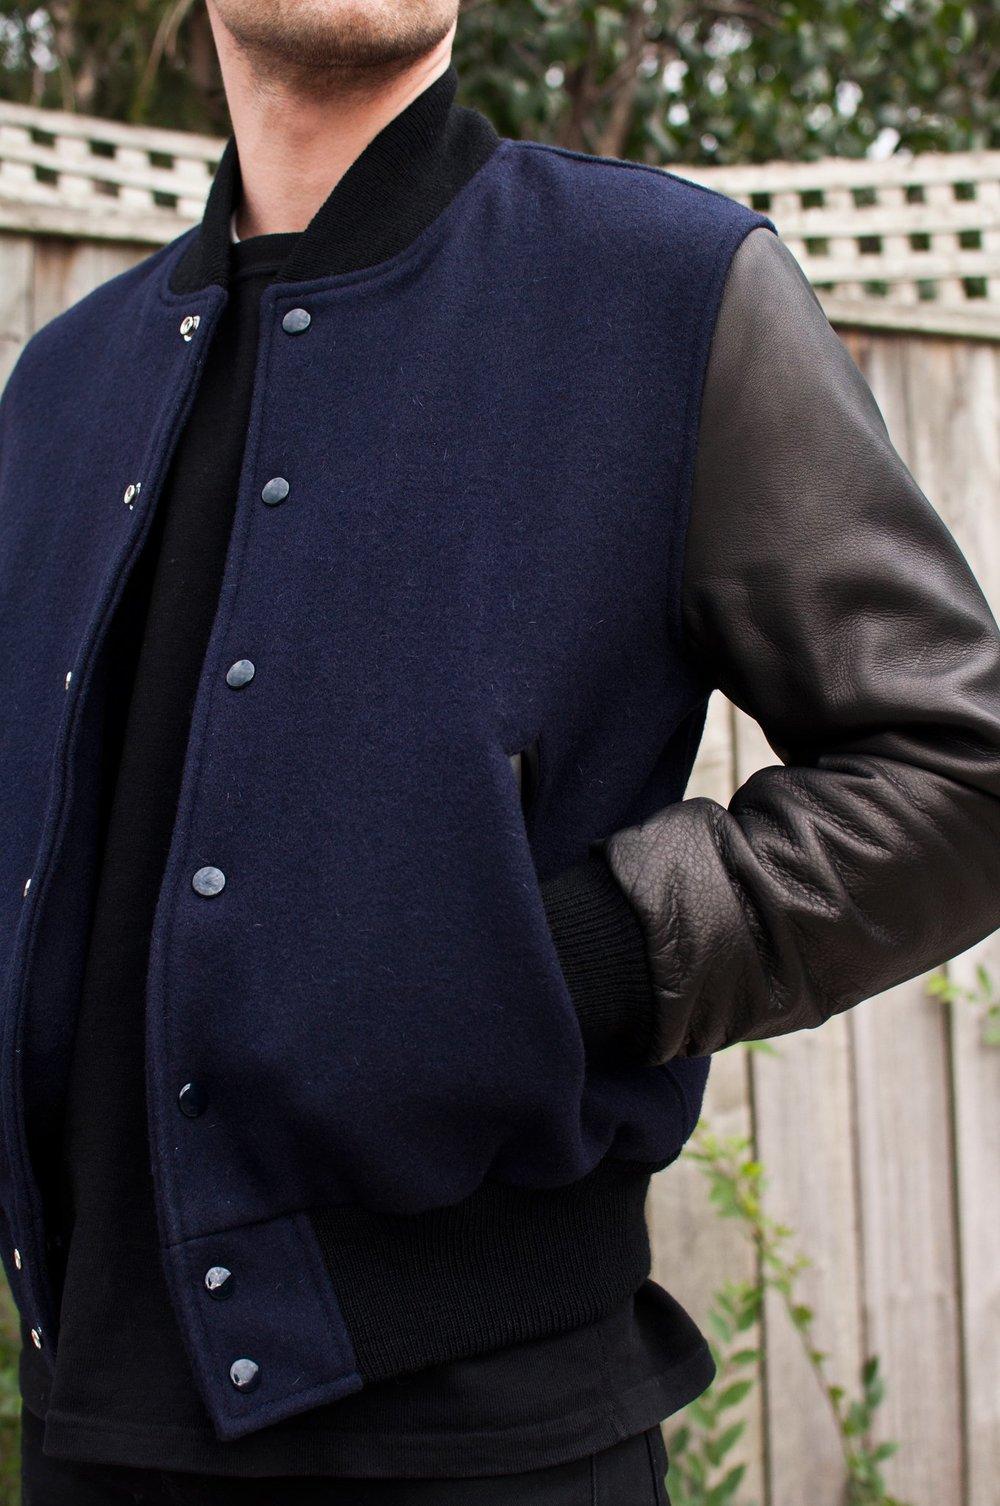 blog-golden-bear-navy-melton-wool-black-leather-varsity-jacket-2_2048x2048.JPG